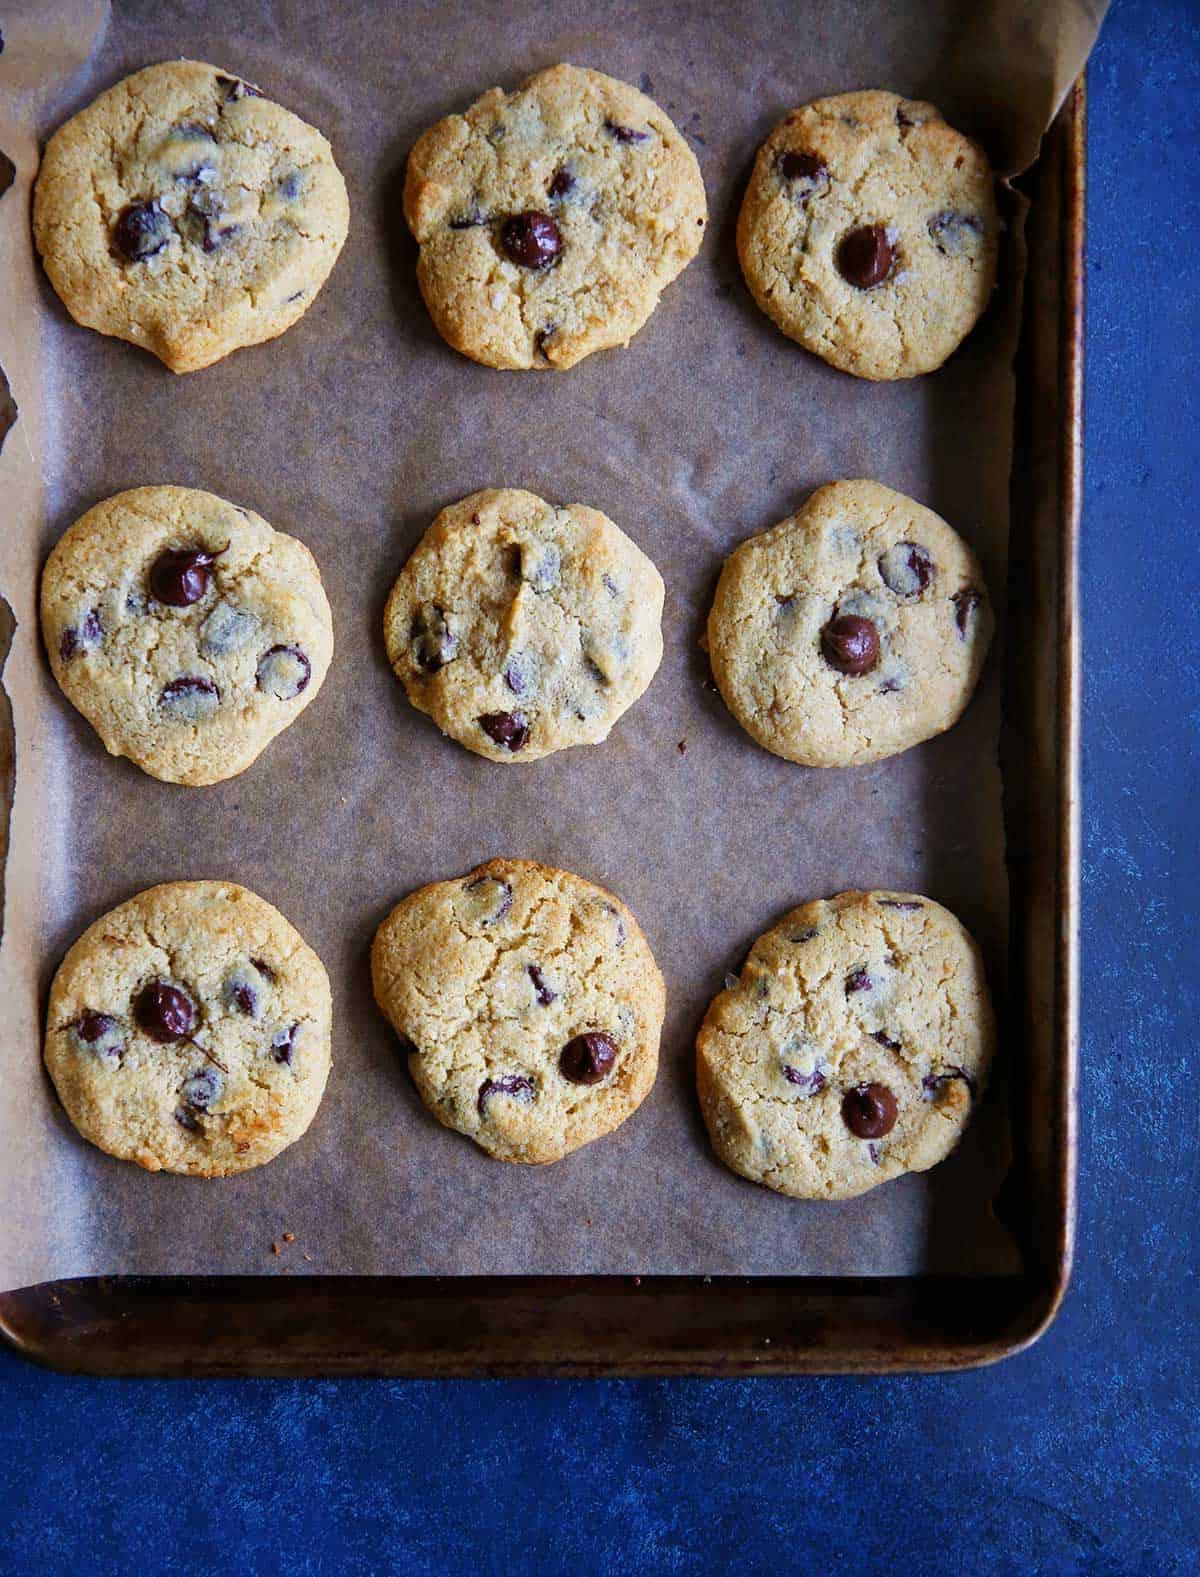 paleo almond flour cookies on a baking tray